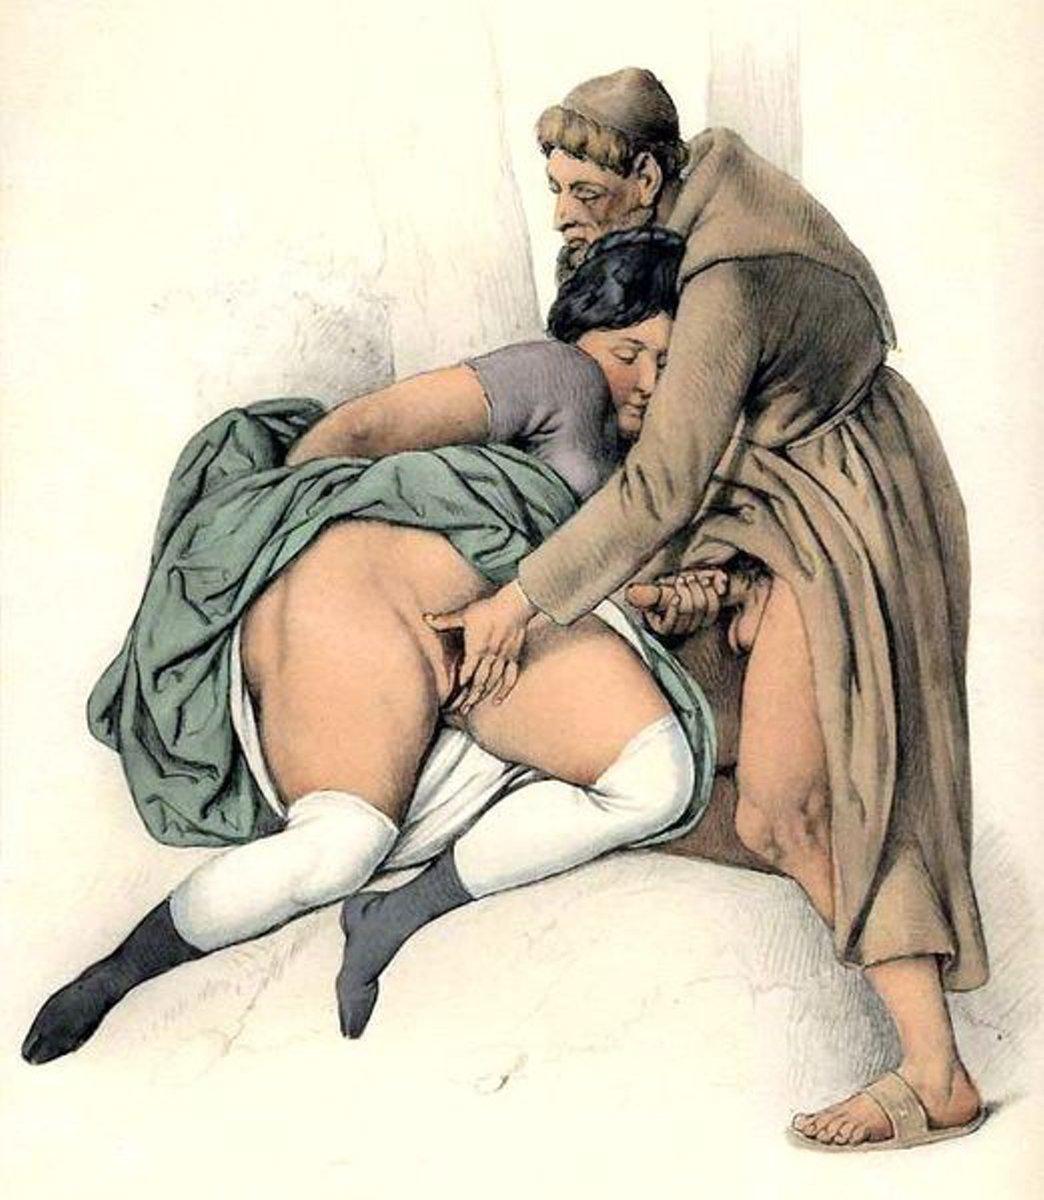 История про секс мастурбация 3 фотография